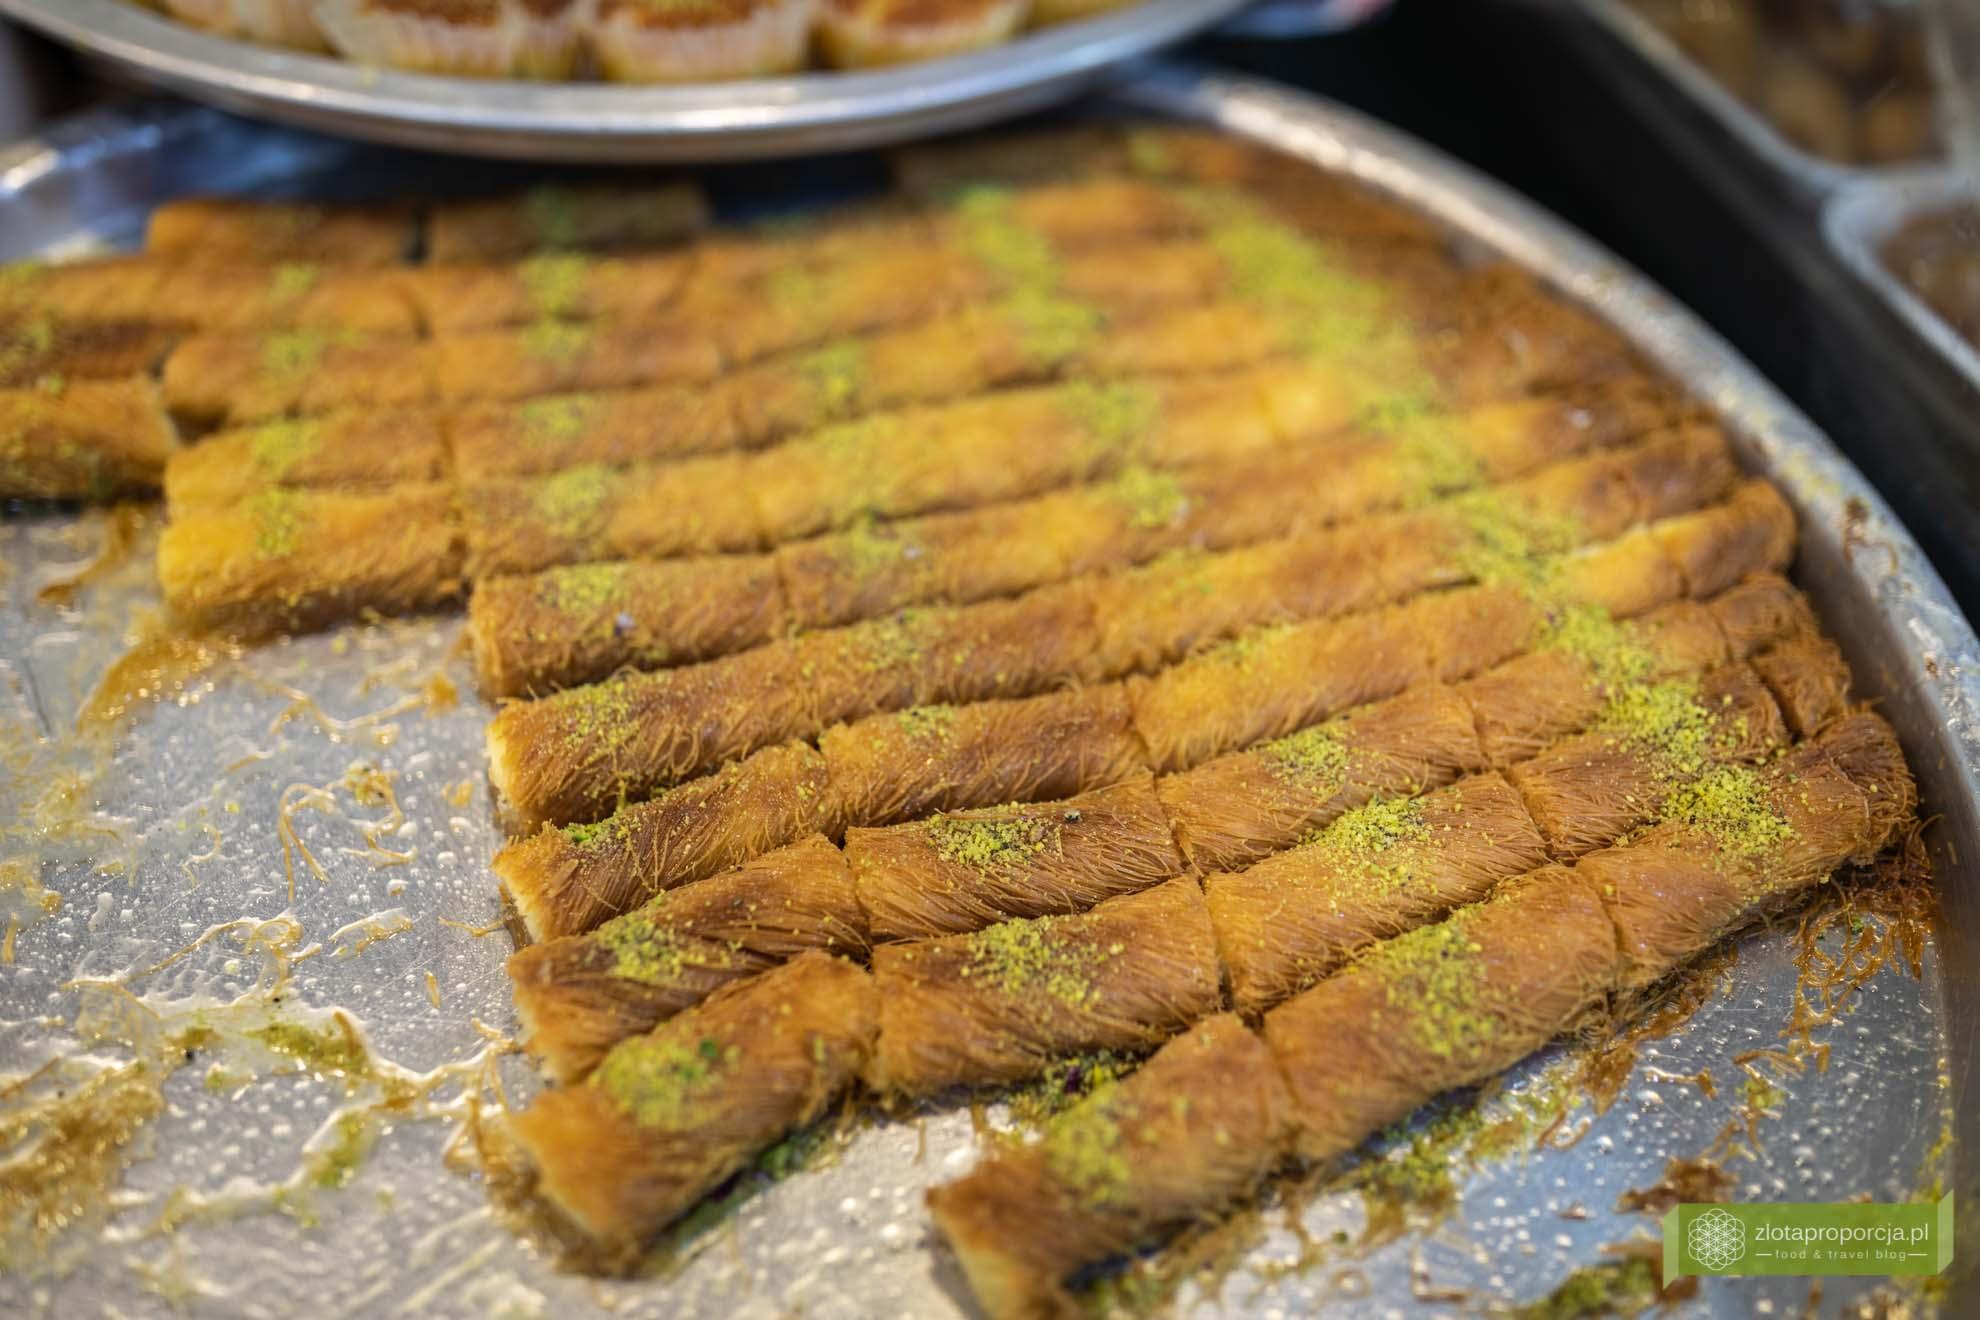 Jordania; Jordania jedzenie, Jordania kuchnia, kuchnia Jordanii; Jordańskie słodycze;